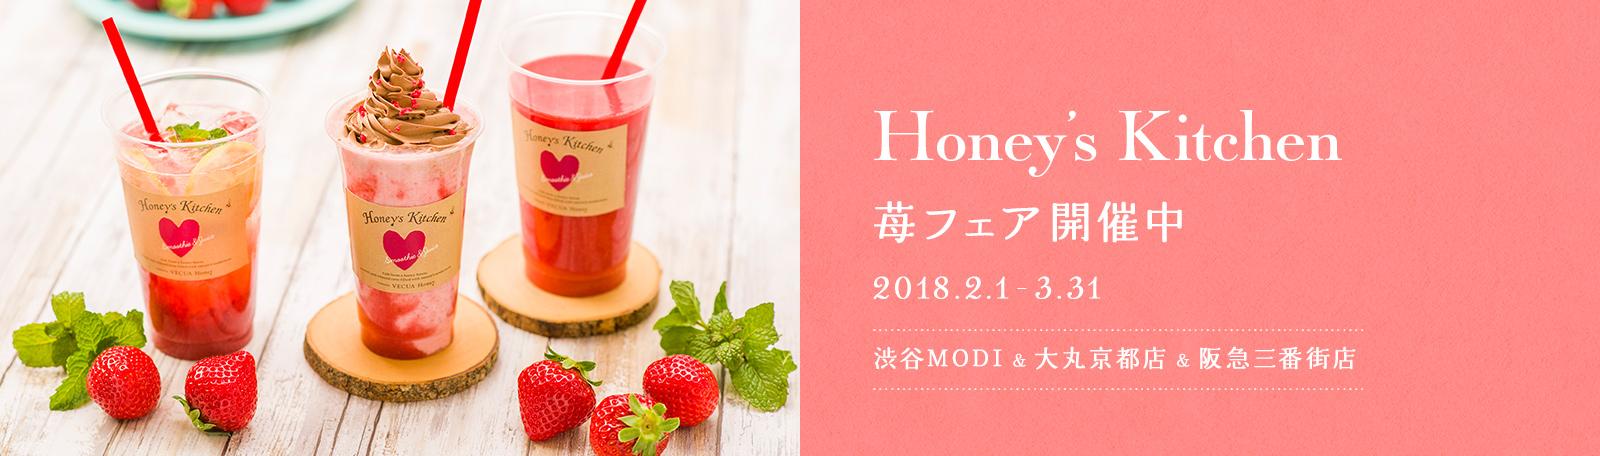 Honey's Kitchen 苺フェア開催中 2017.2.1 - 3.31 渋谷MODI&大丸京都店&阪急三番街店